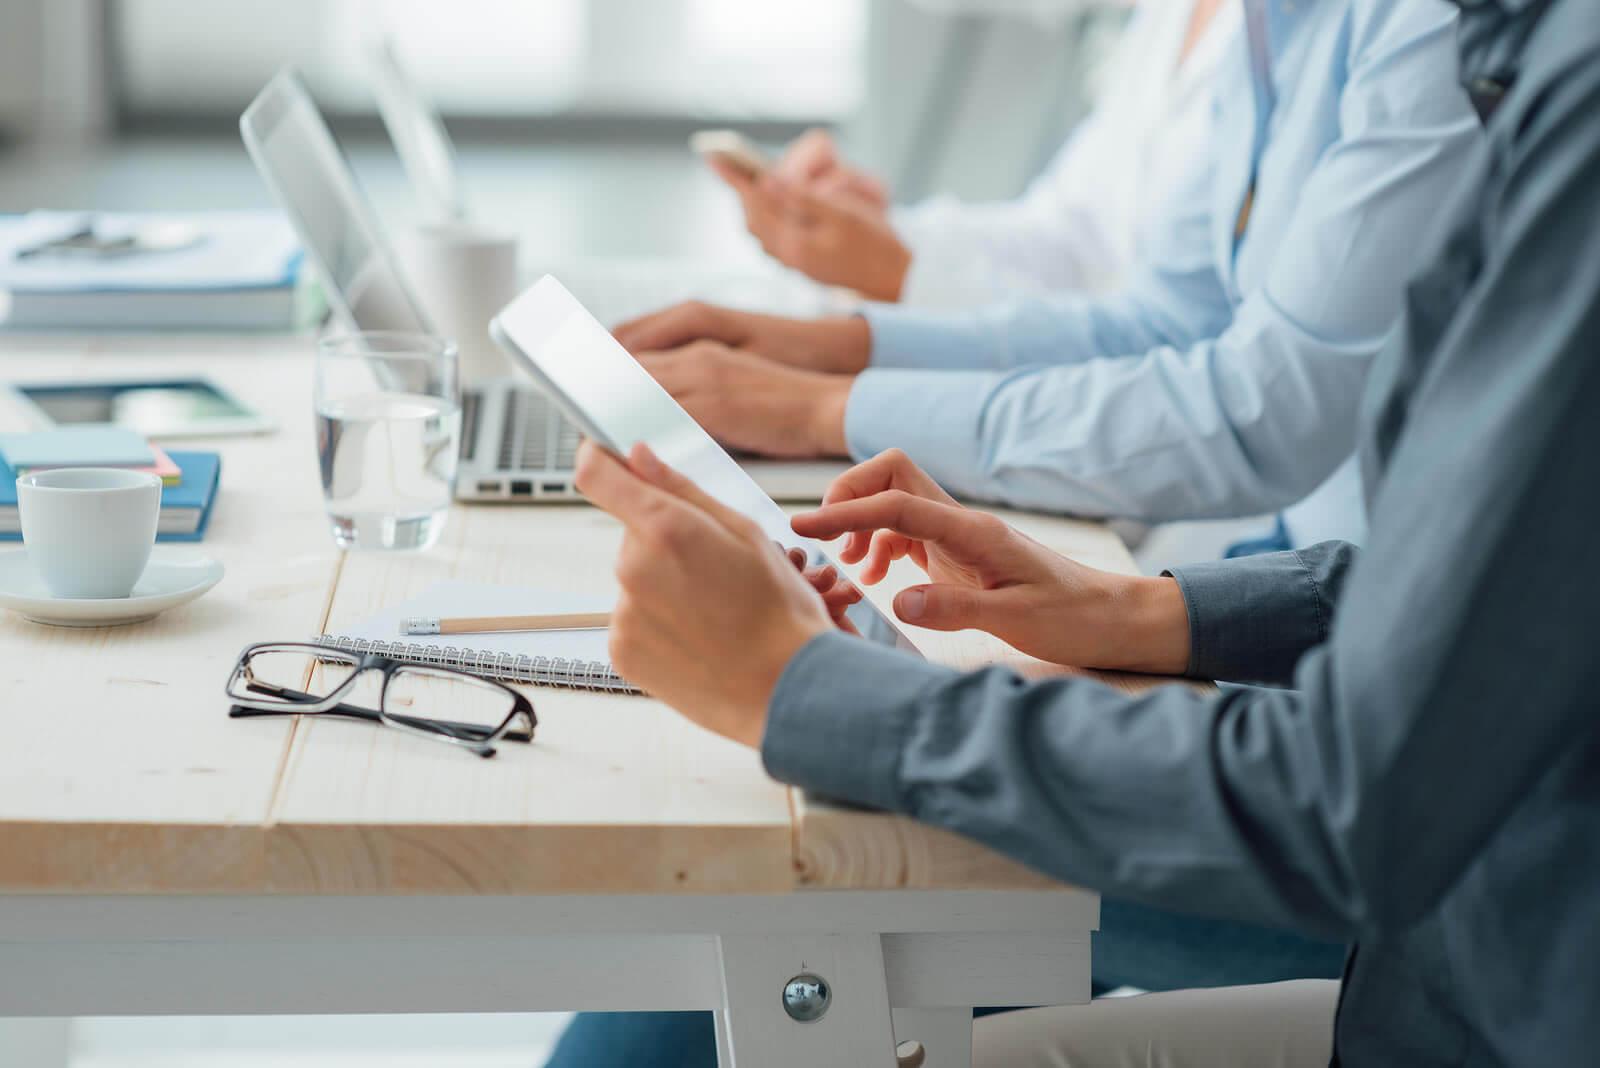 Workforce Management information for HR teams